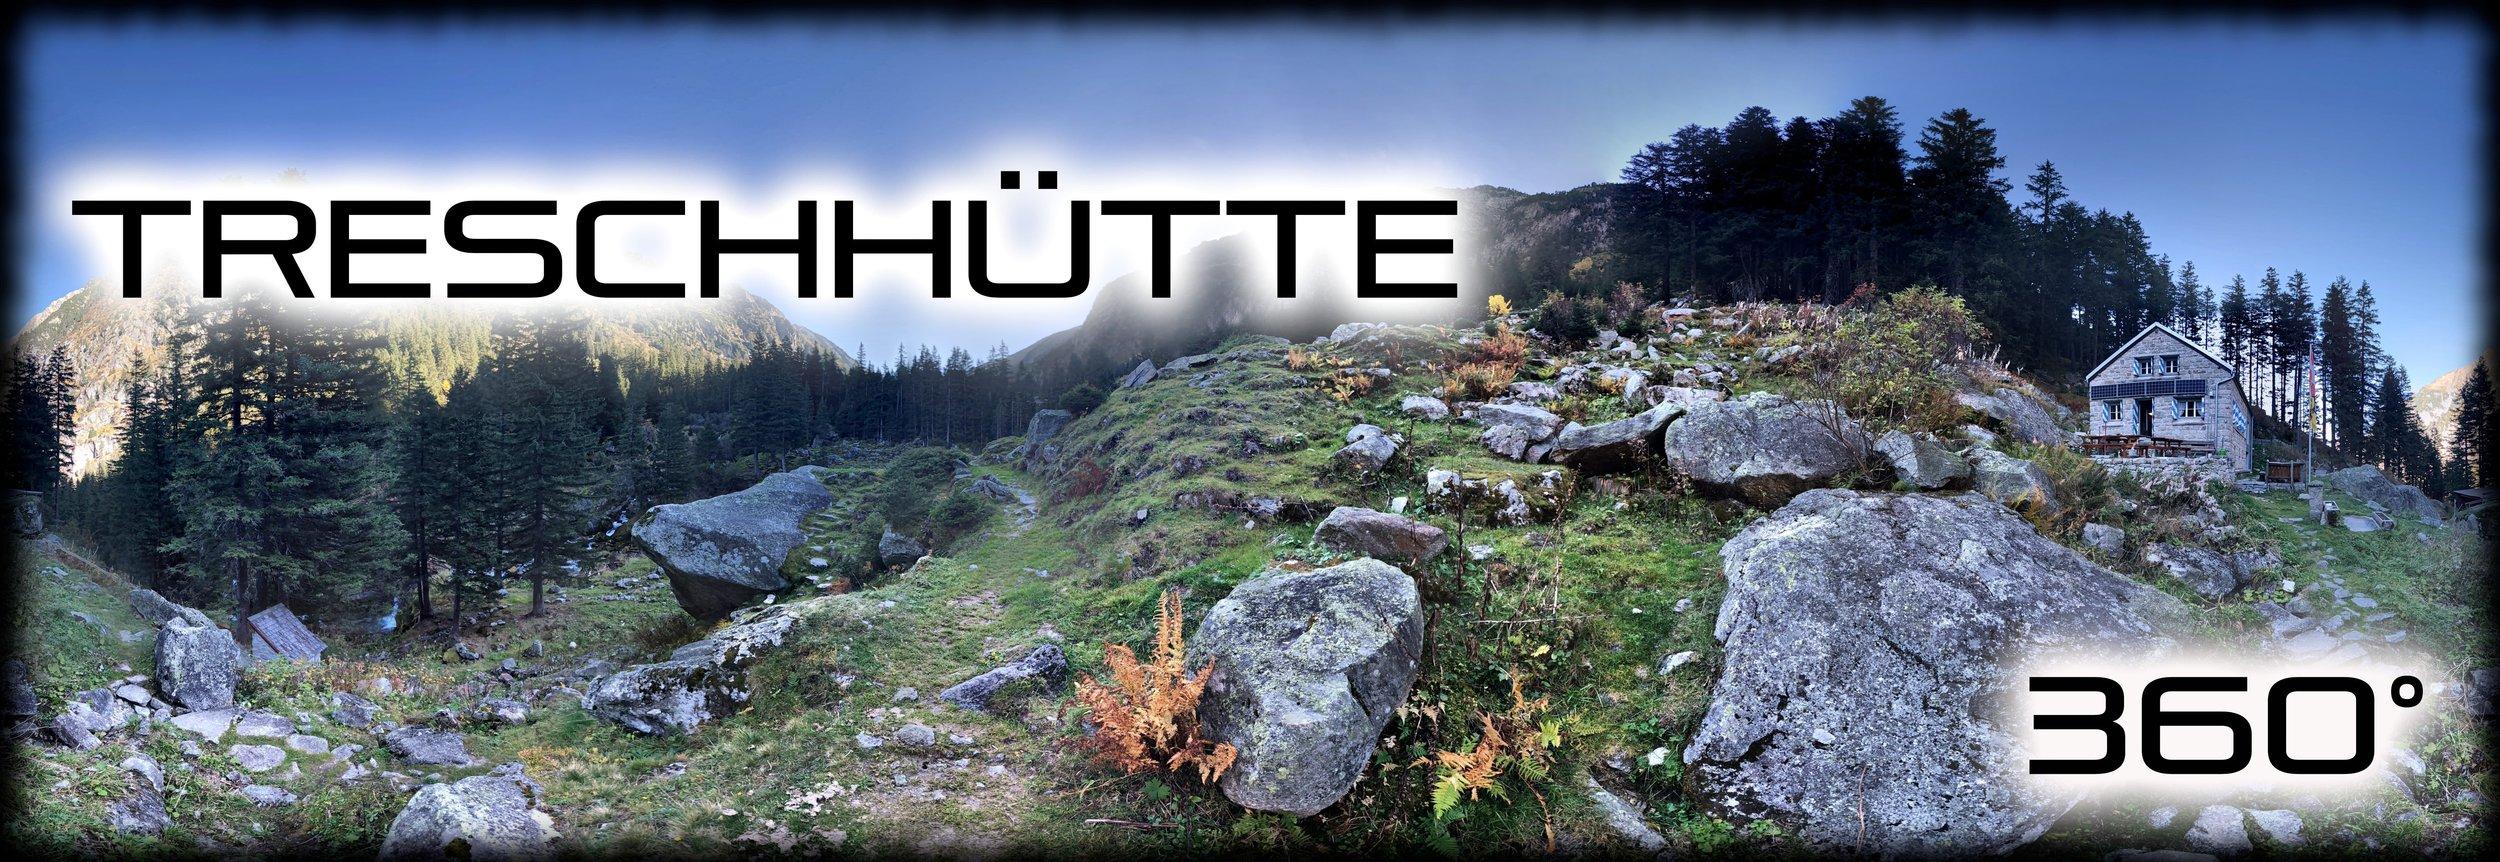 Treschhütte - Oktober 2018